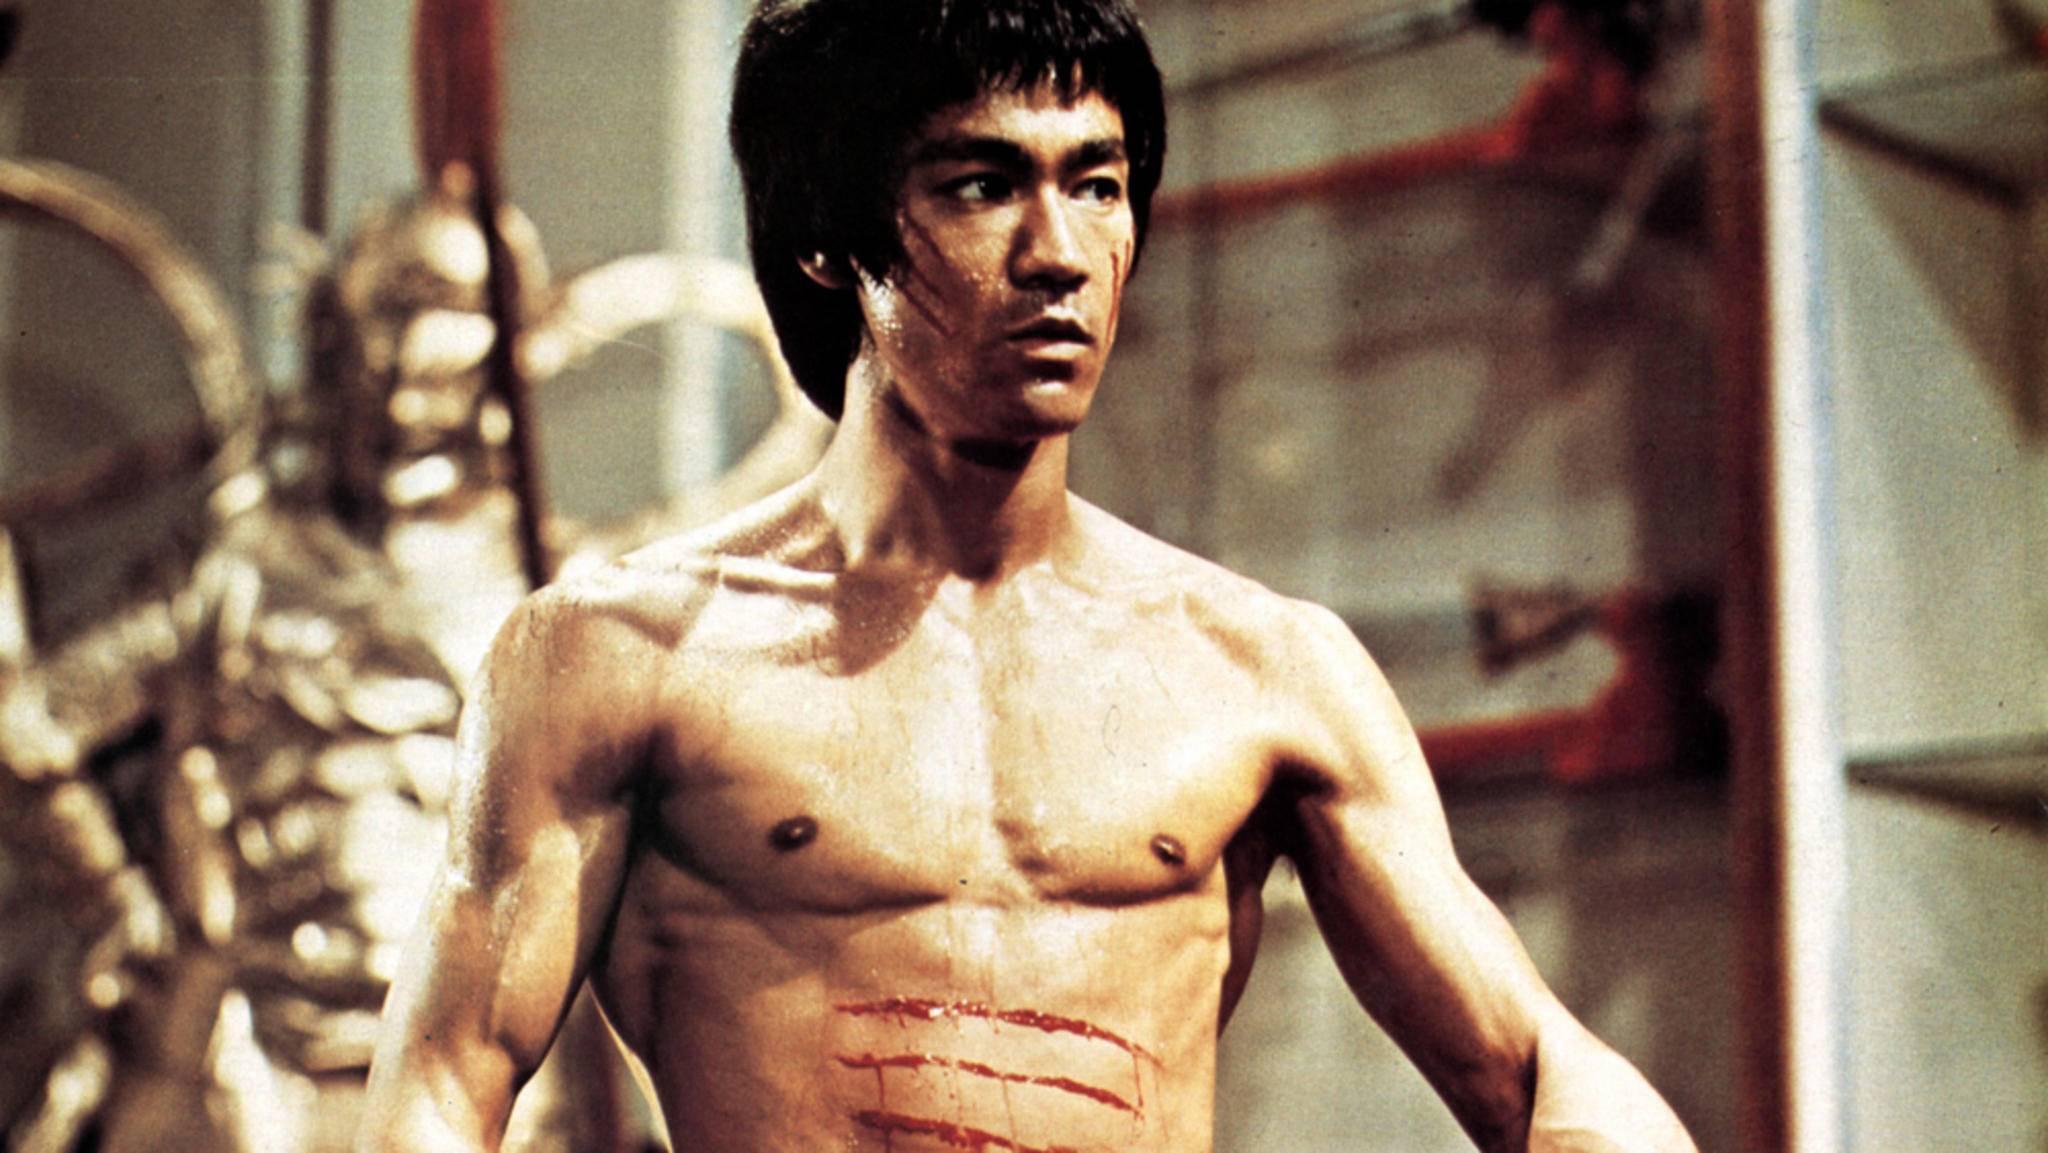 Einer der größten Filmklassiker von Bruce Lee soll ein Remake erhalten.